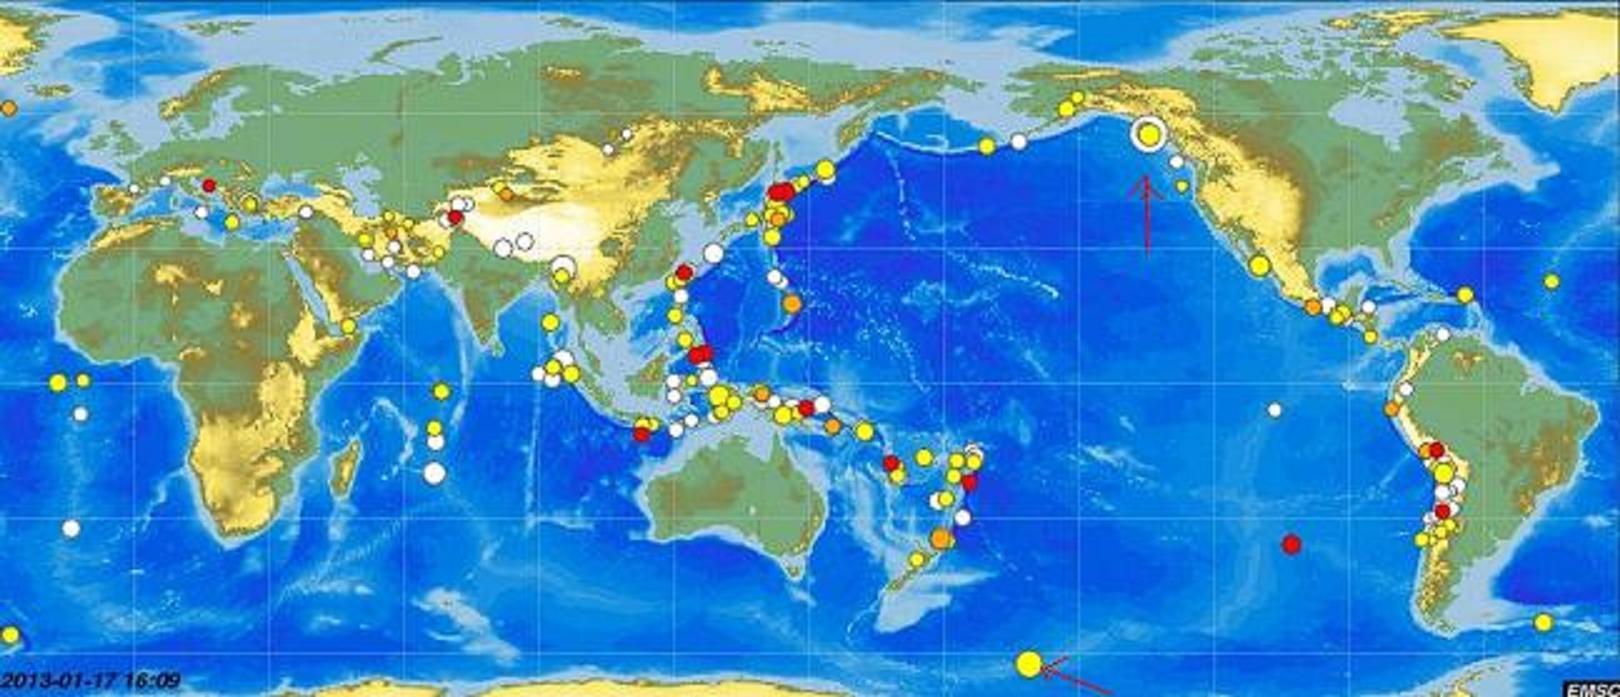 Κι ἄλλοι σεισμοί! Πολλοὶ σεισμοί!2